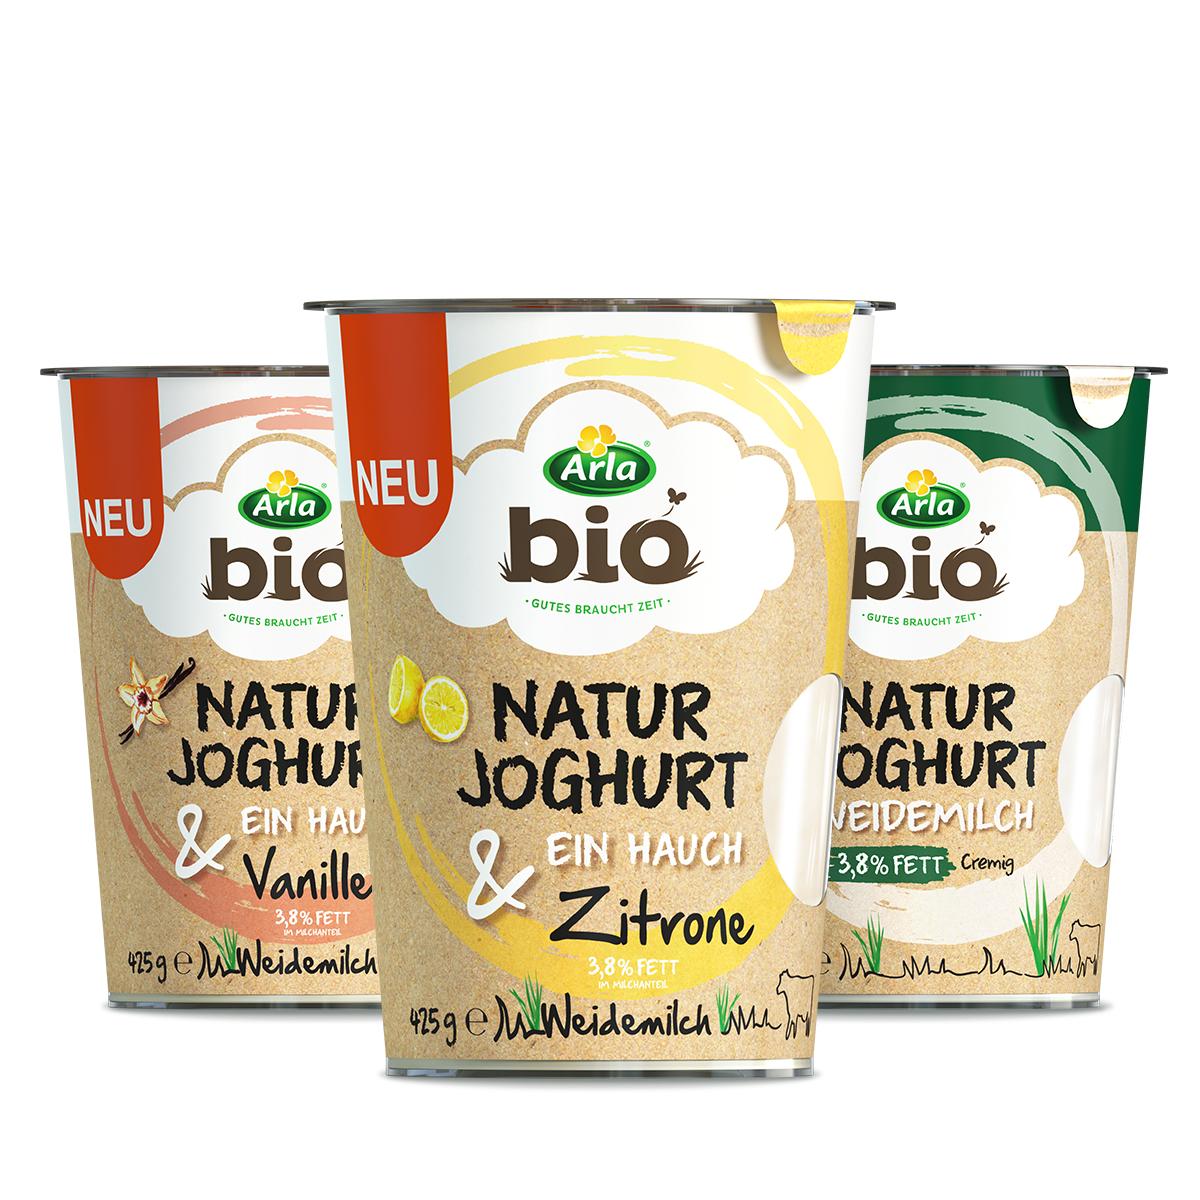 [Edeka Center Minden-Hannover] Arla Bio Natur Joghurt mit Marktkguru Cashback für effektiv 0,66€ (3x pro Acc möglich)